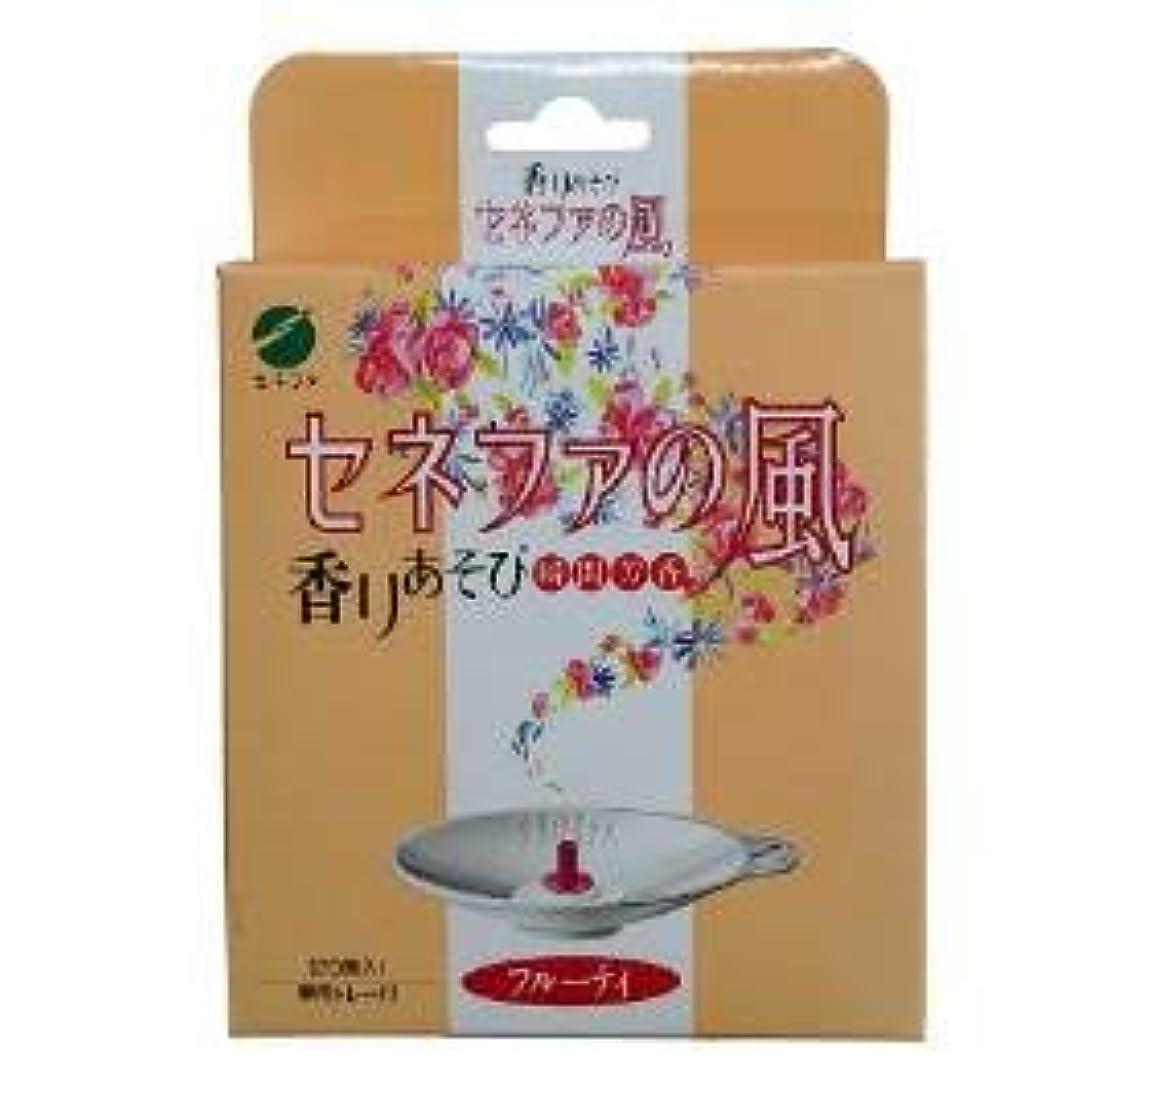 蒸留感度幻滅せんねん灸 セネファの風 フルーティ(お香)(20香入)